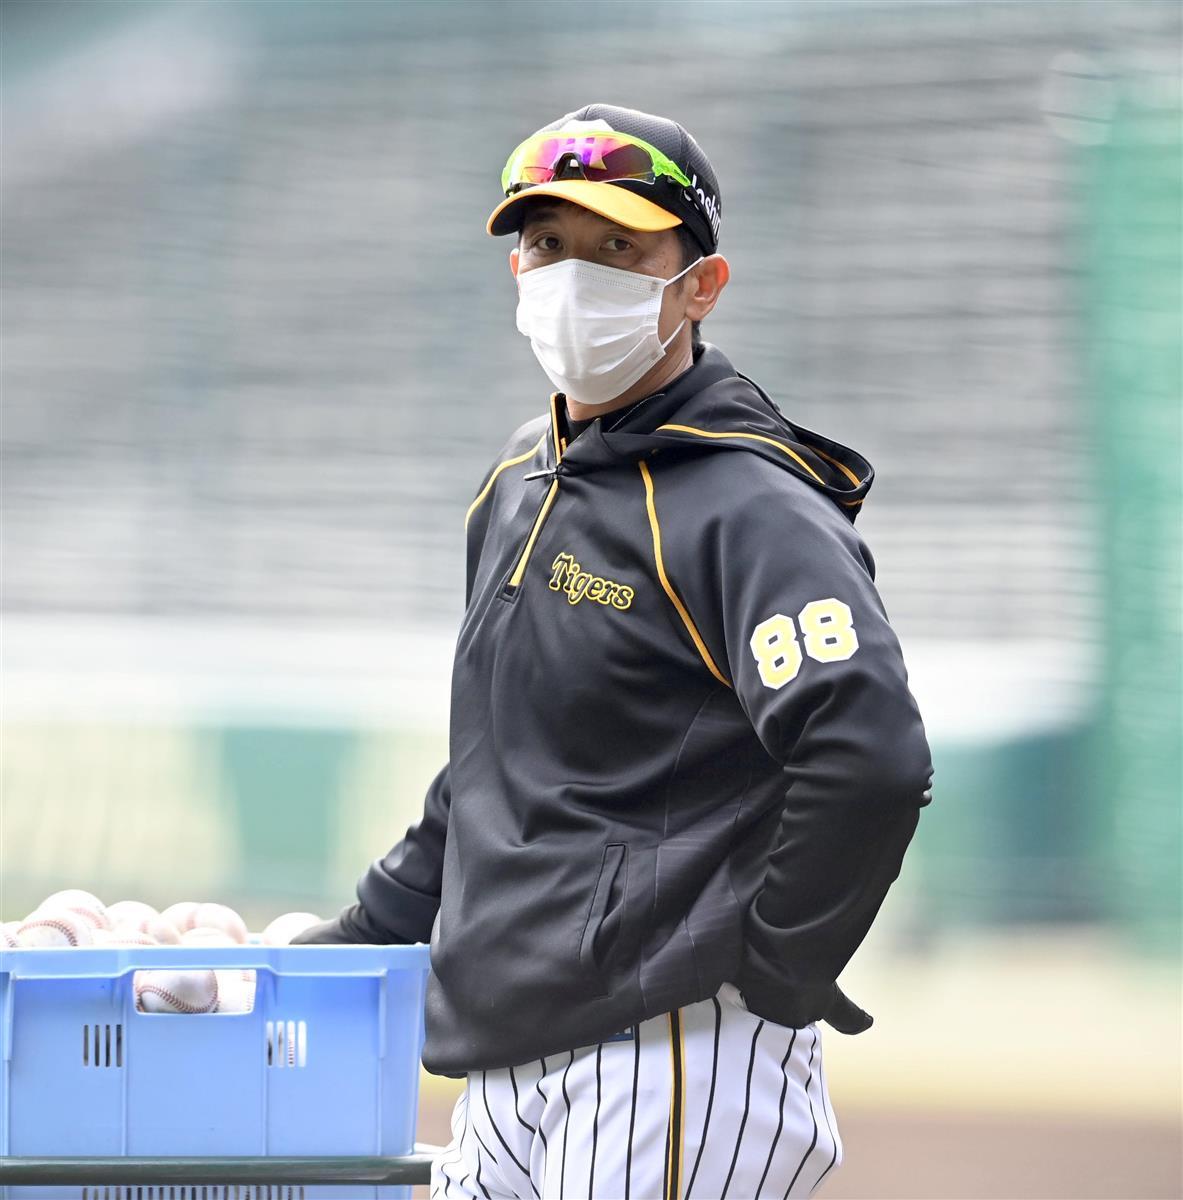 タイガース スアレス 阪神 阪神・スアレス メジャー挑戦する?兄弟や建築作業員掛け持ちについても!